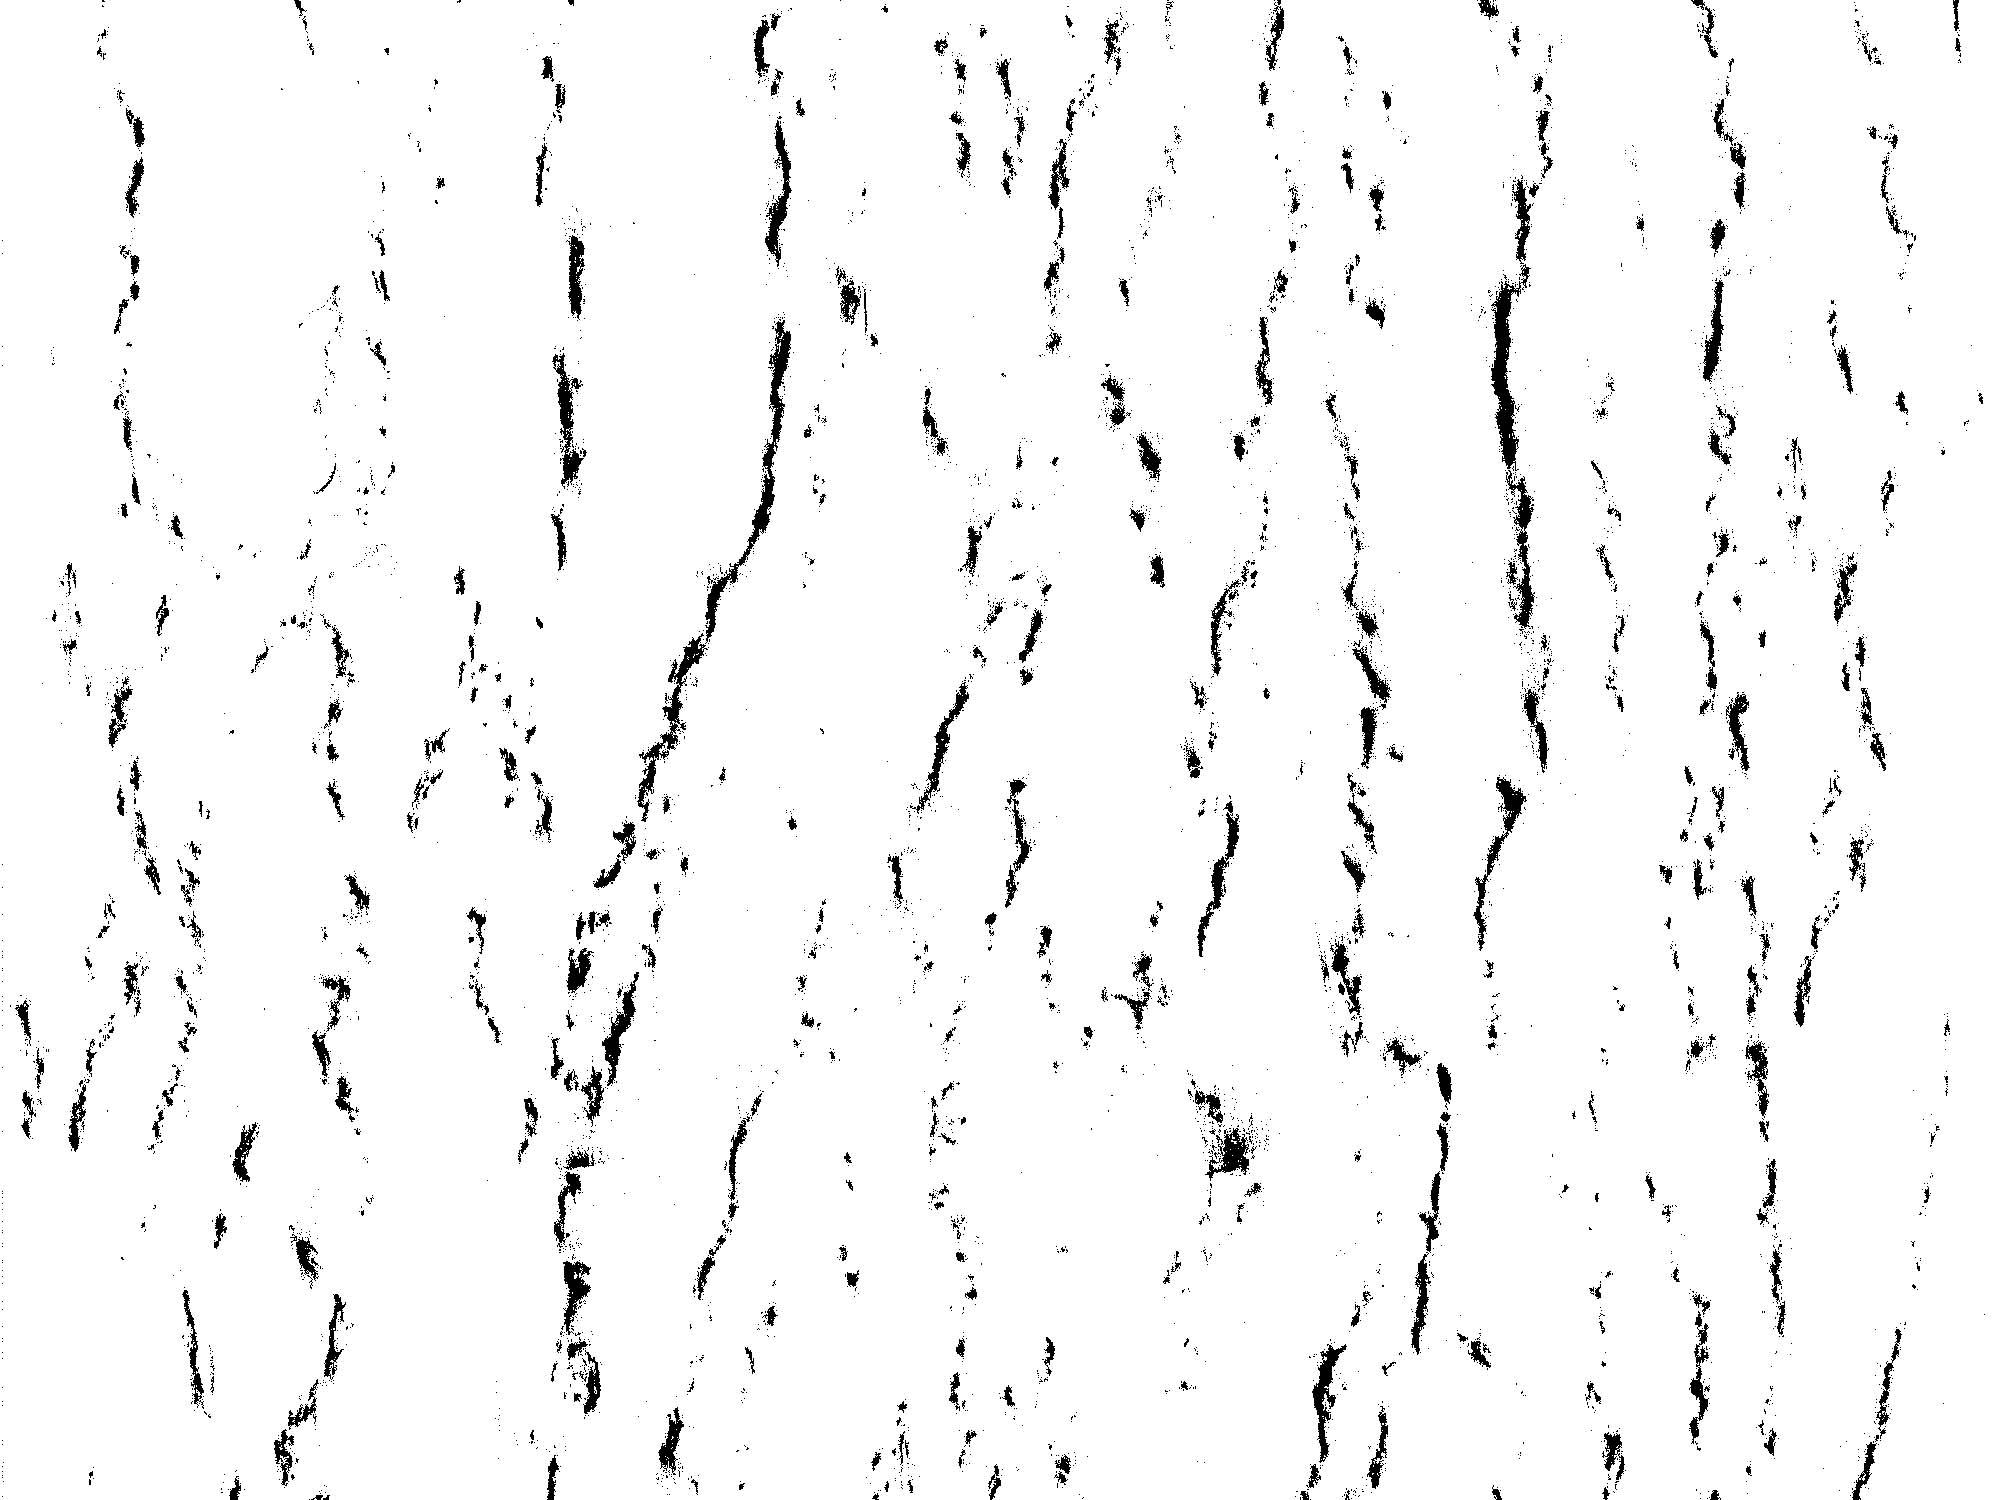 Worn Texture 12